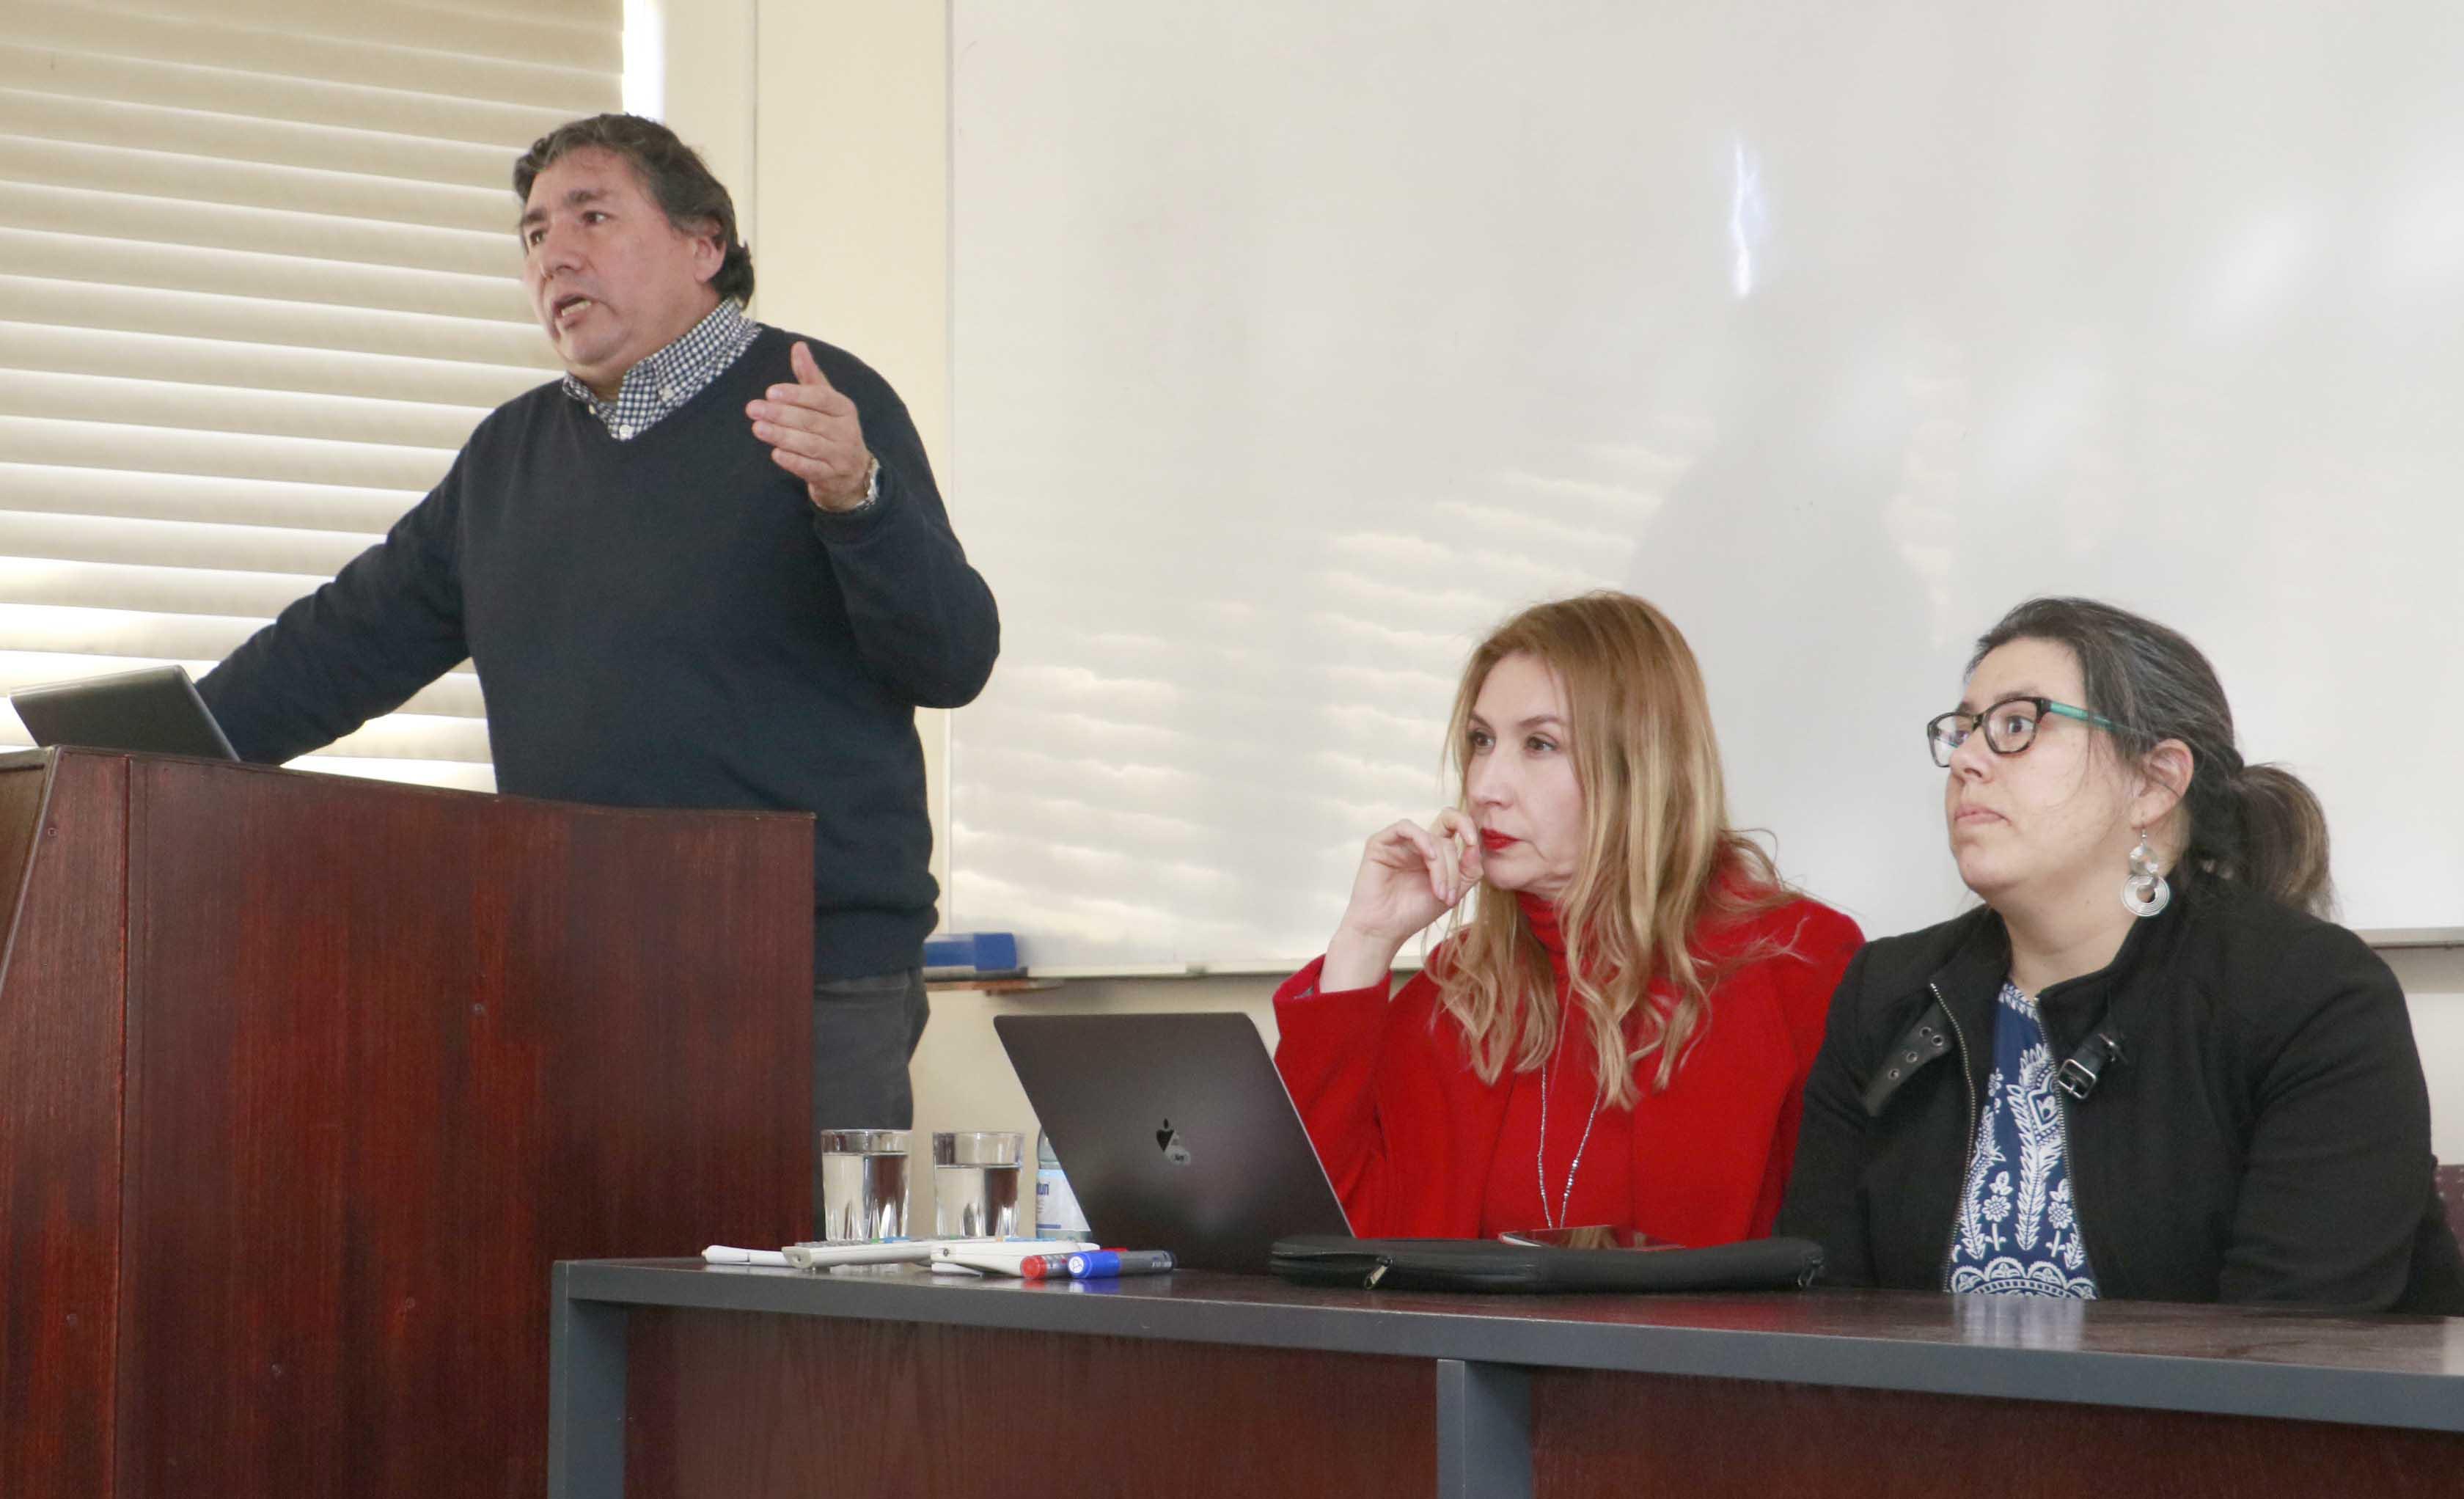 Facultad de Ciencias Ambientales y Eula-Chile realizaron seminario sobre Objetivos de Desarrollo Sostenible